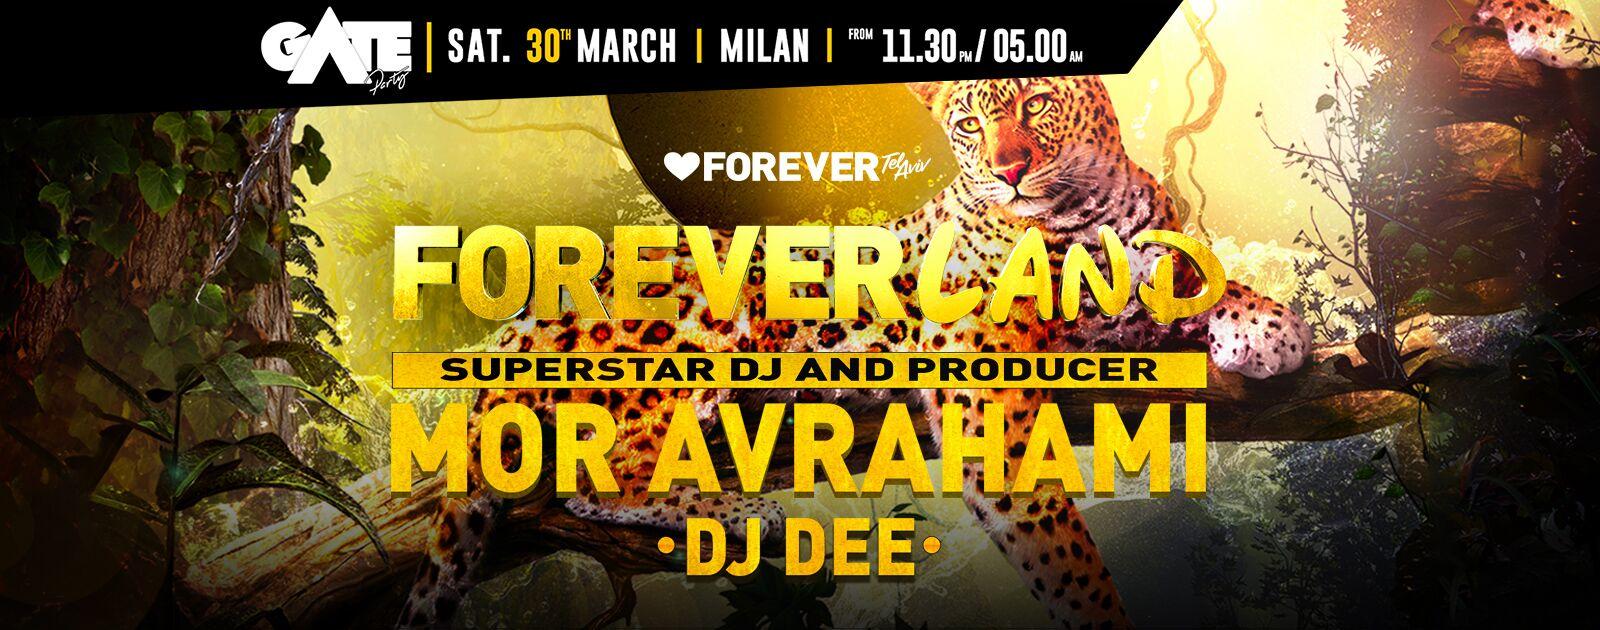 Forever Tel Aviv - Milano